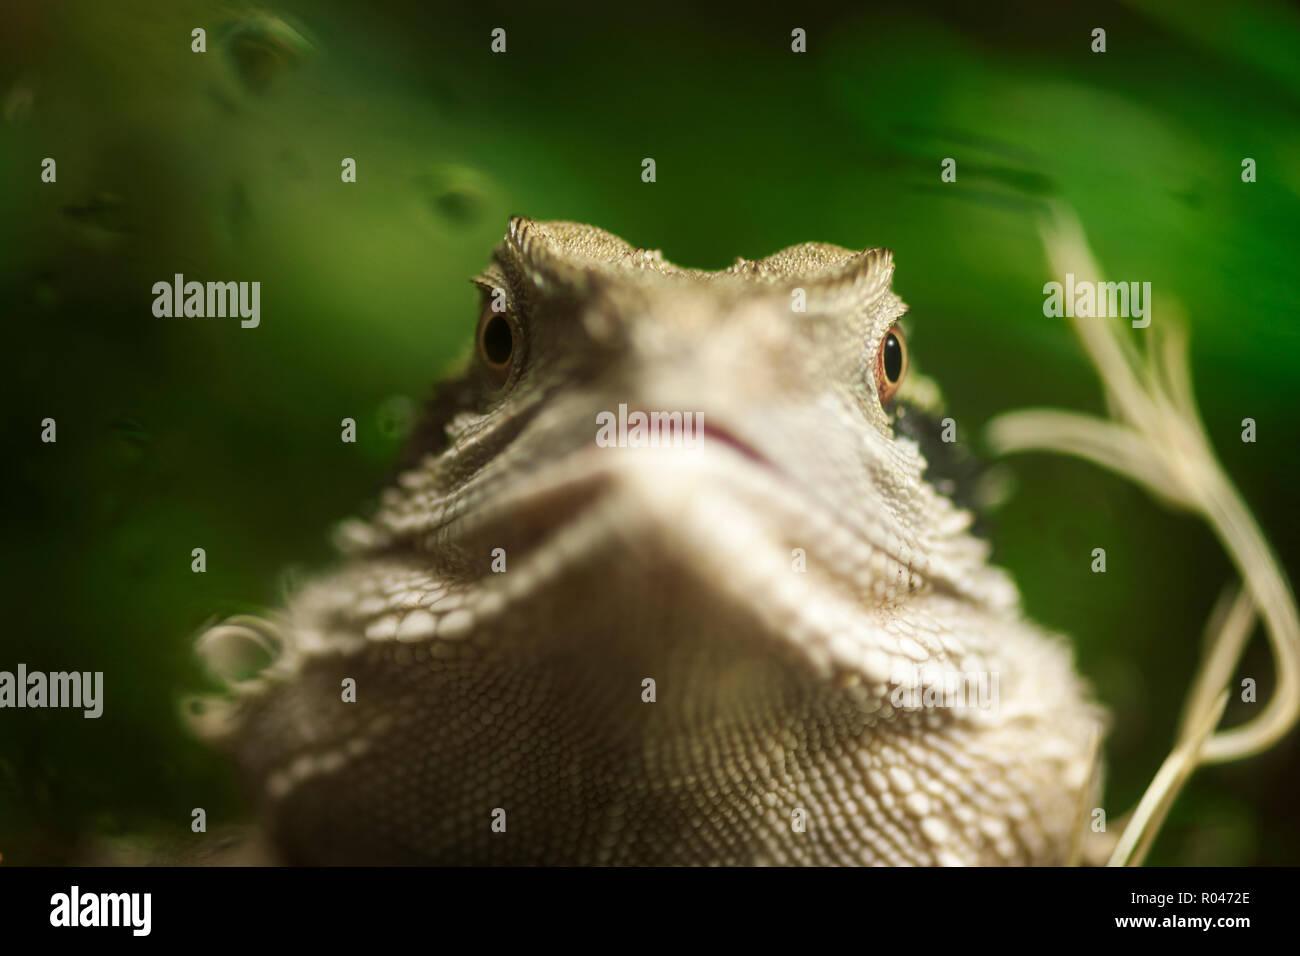 Frontal Head Portrait Of An Australian Water Dragon Lat